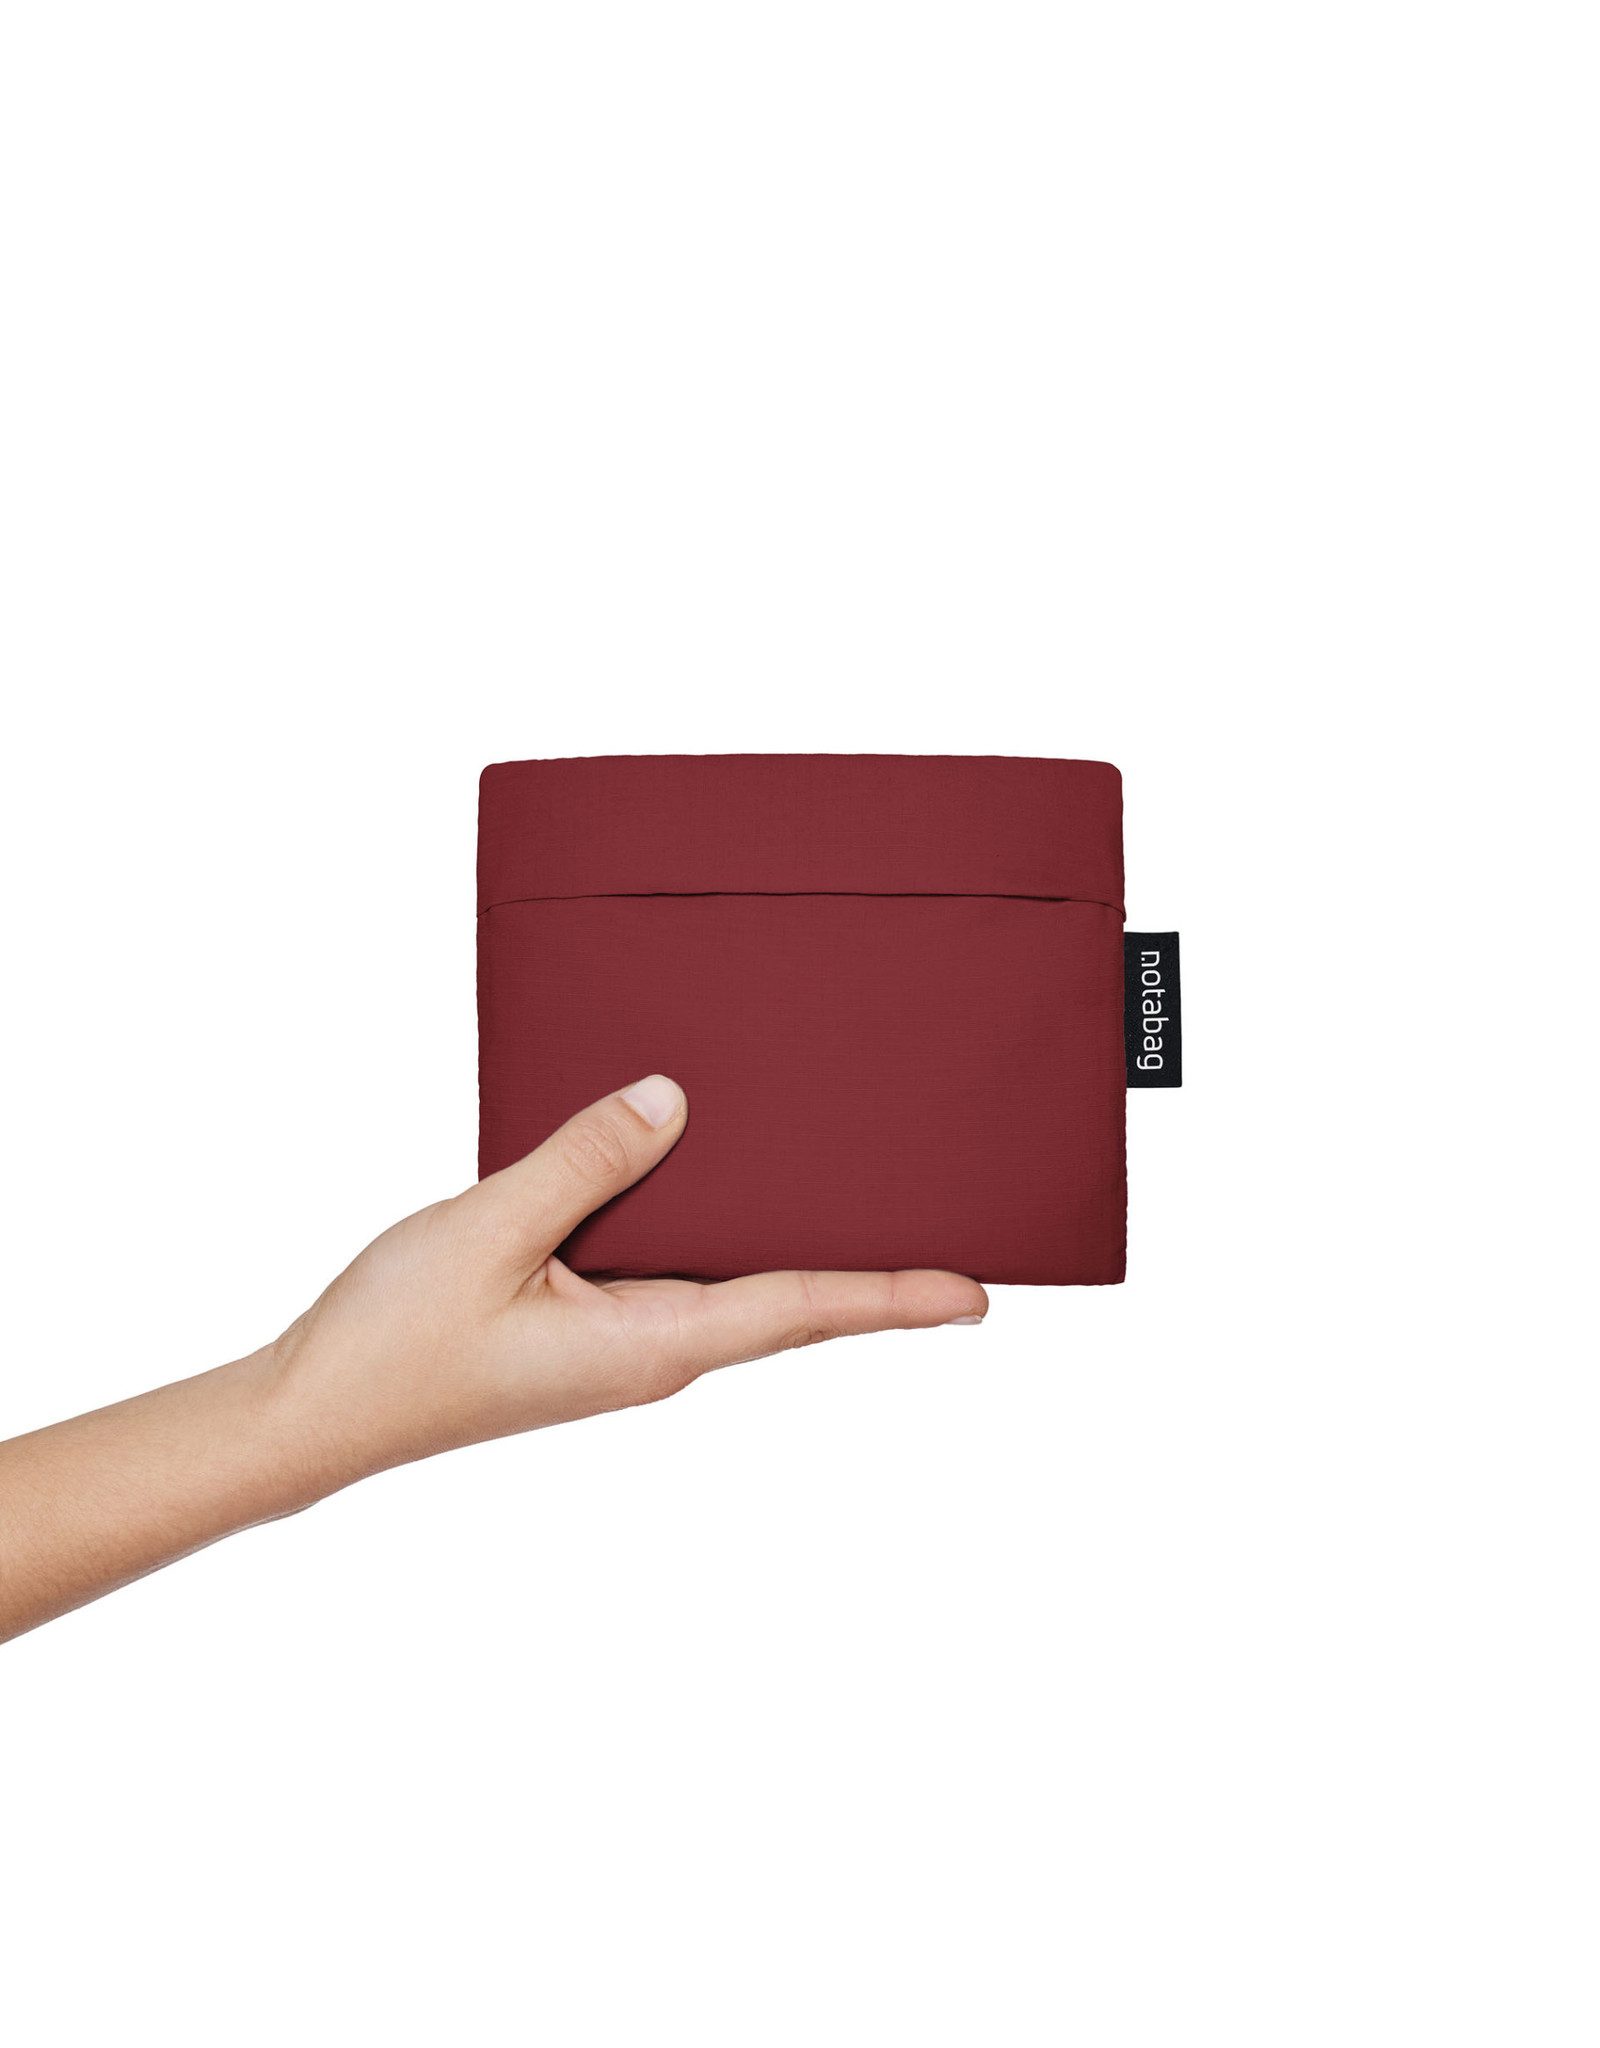 notabag notabag original bordeau